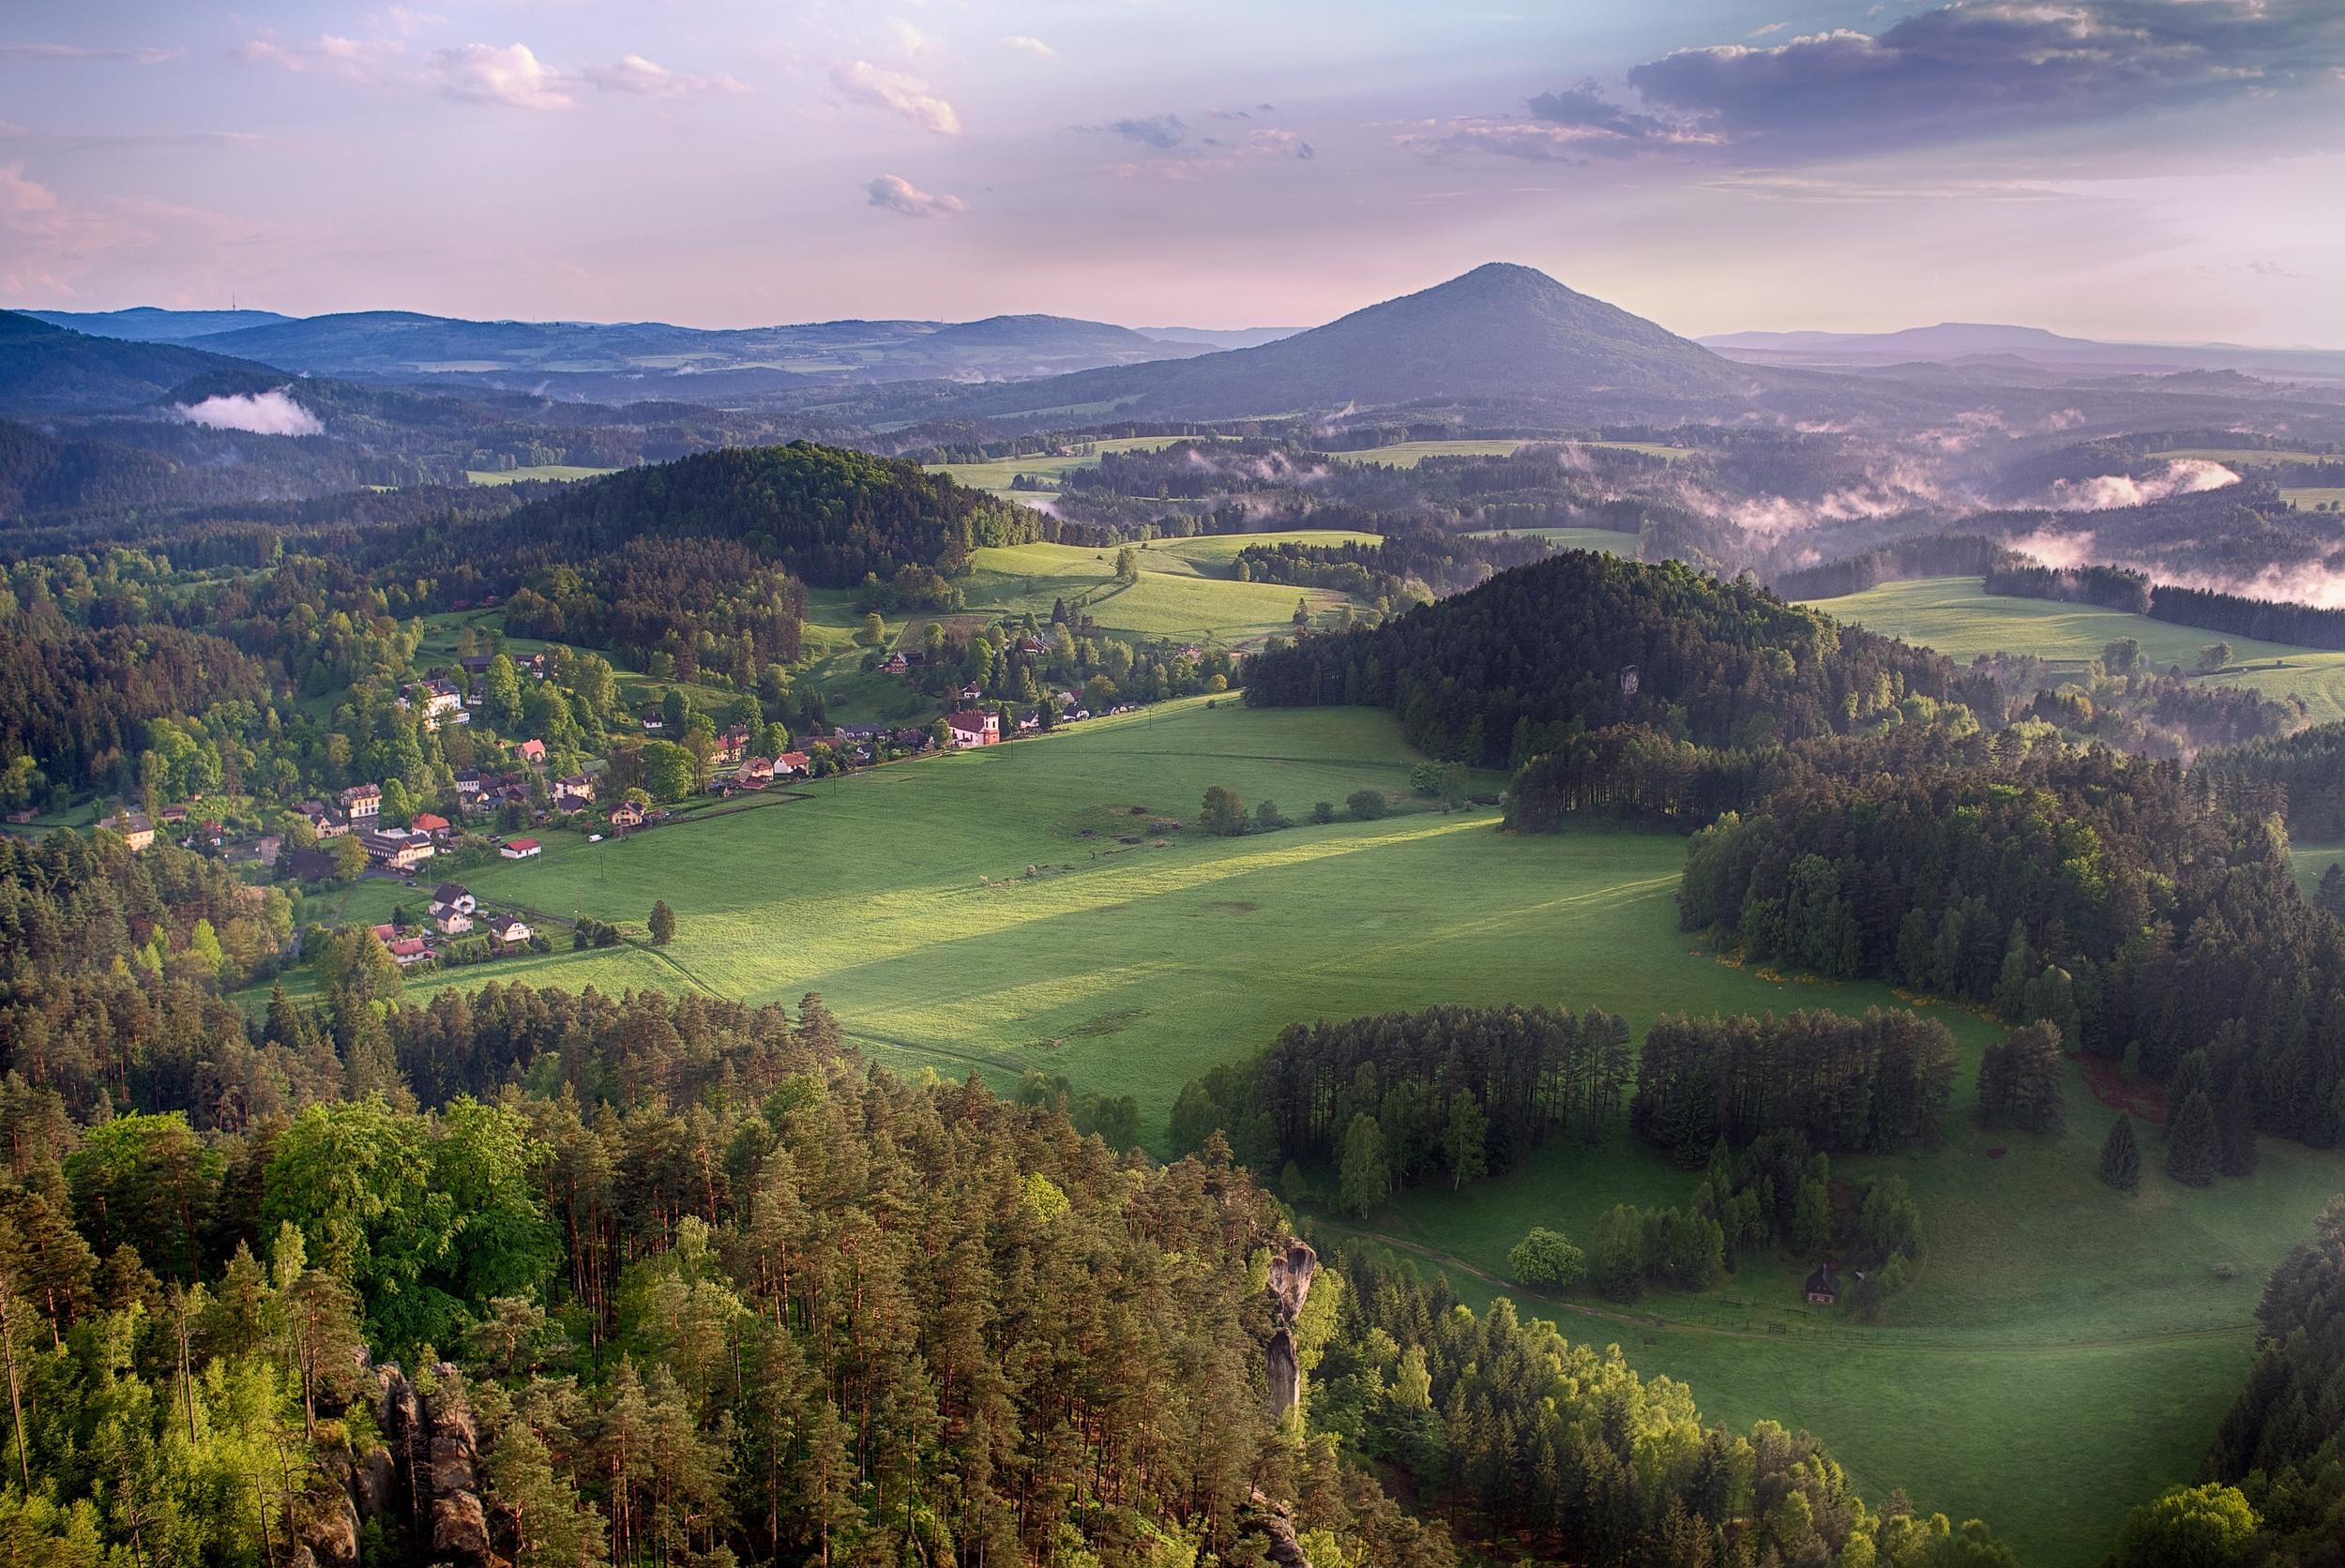 View from Mariina vyhlidka in Jetrichovice, Bohemian Switzerland, Czech Republic